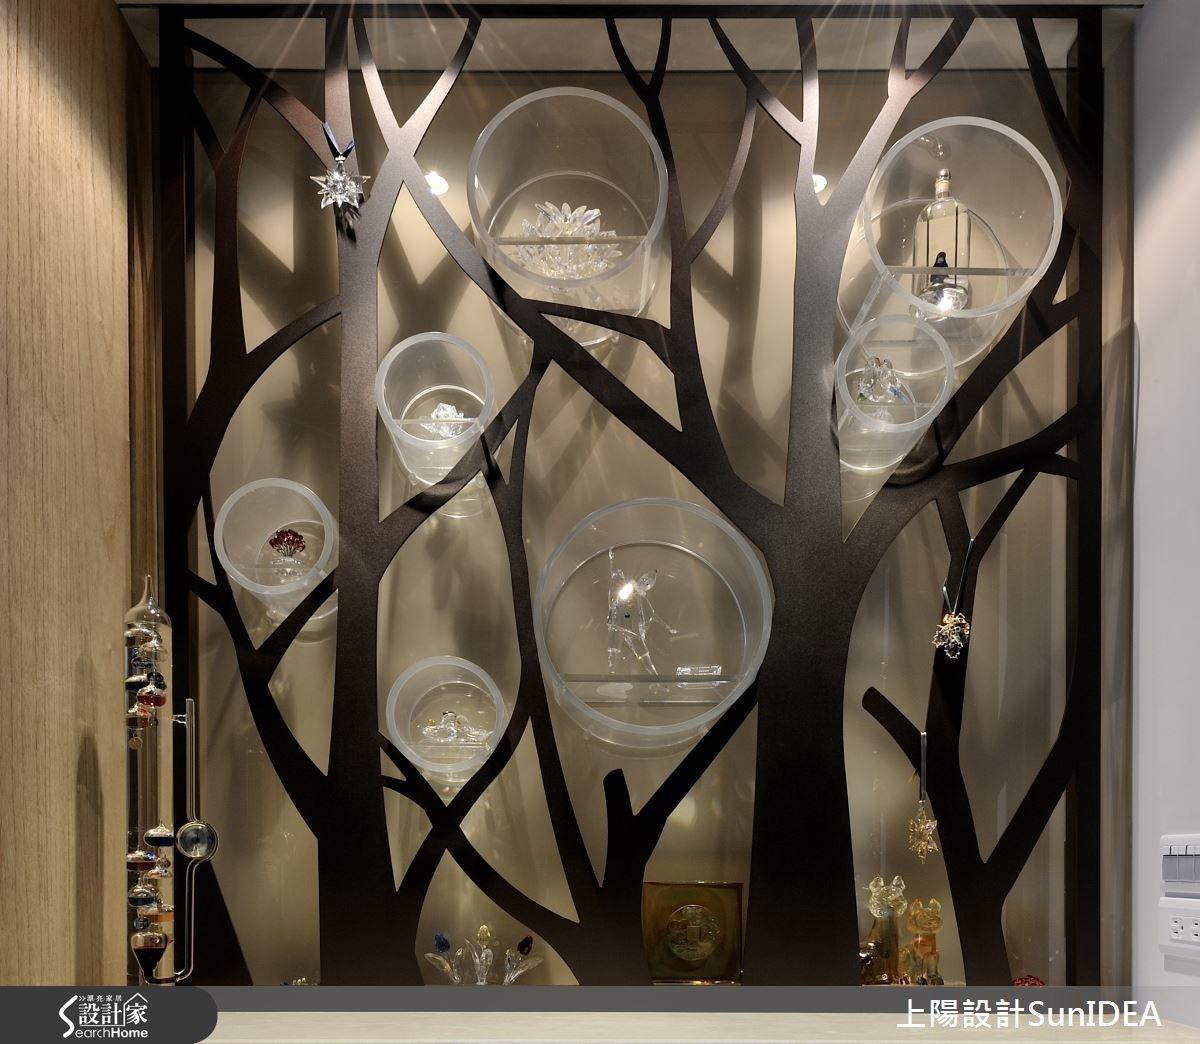 50坪新成屋(5年以下)_現代風案例圖片_上陽室內設計_上陽_23之1